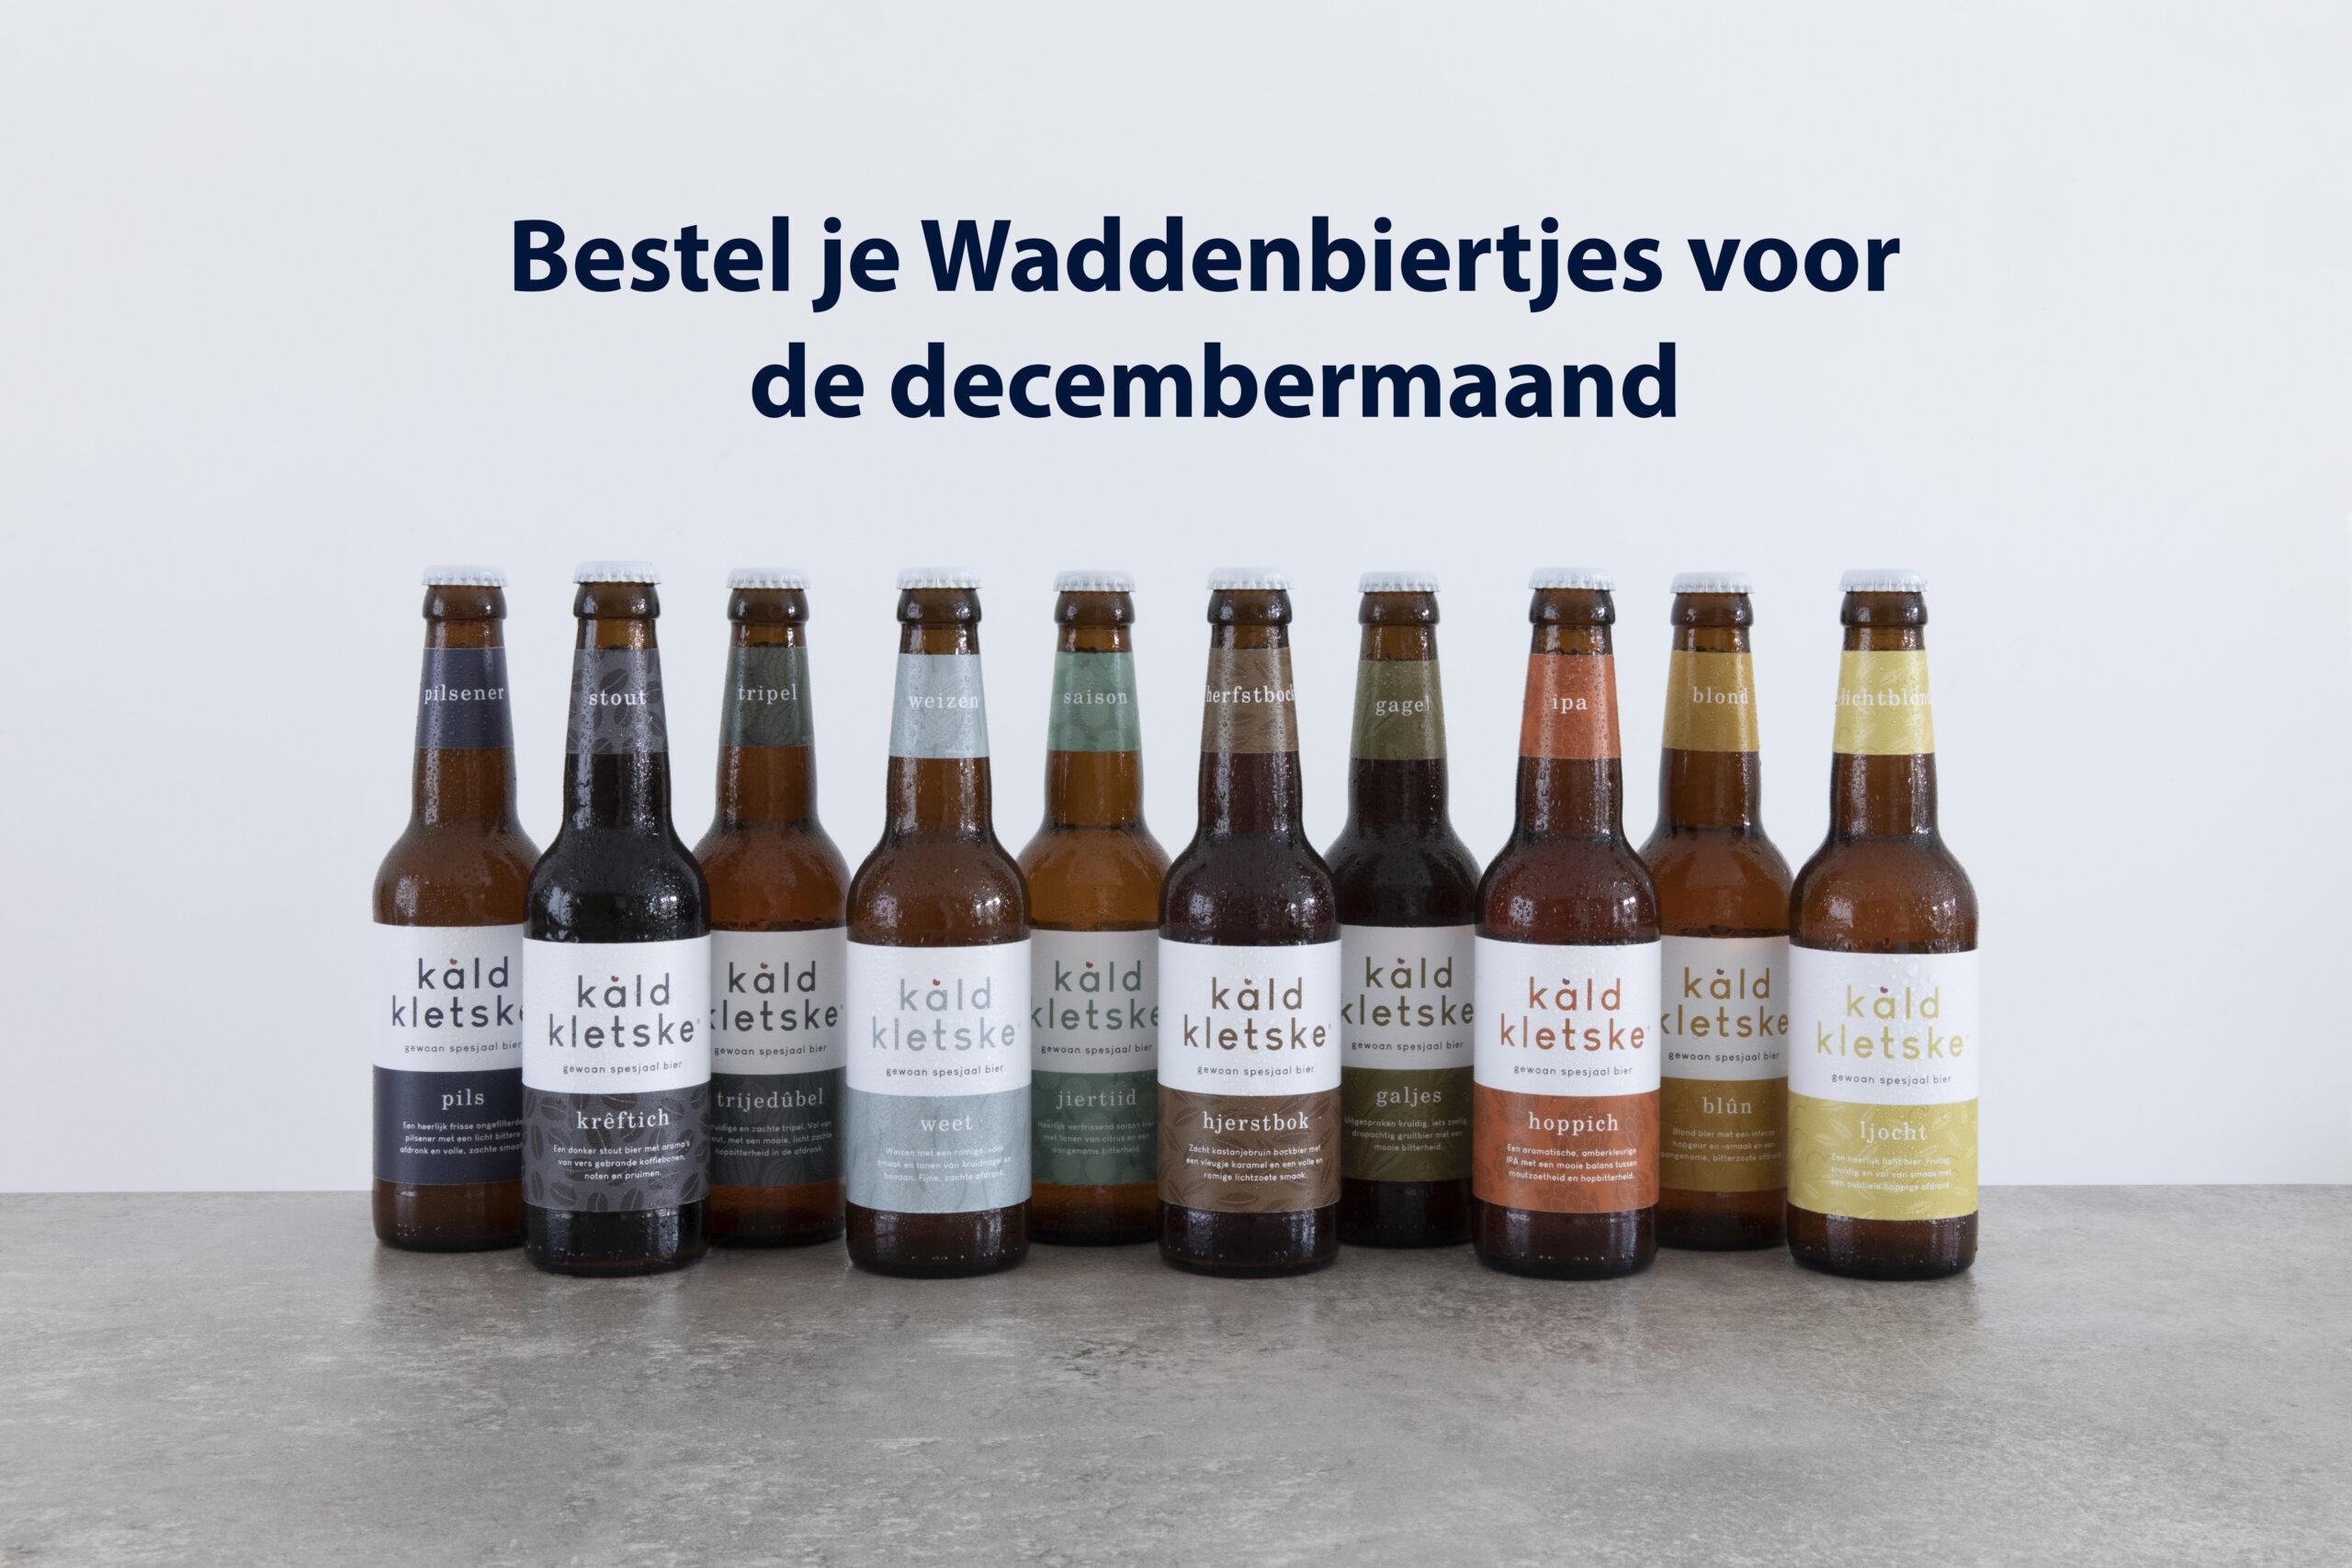 https://www.kaldkletske.nl/wp-content/uploads/2020/11/Kald-Kletske-Waddenbiertjes-scaled.jpg